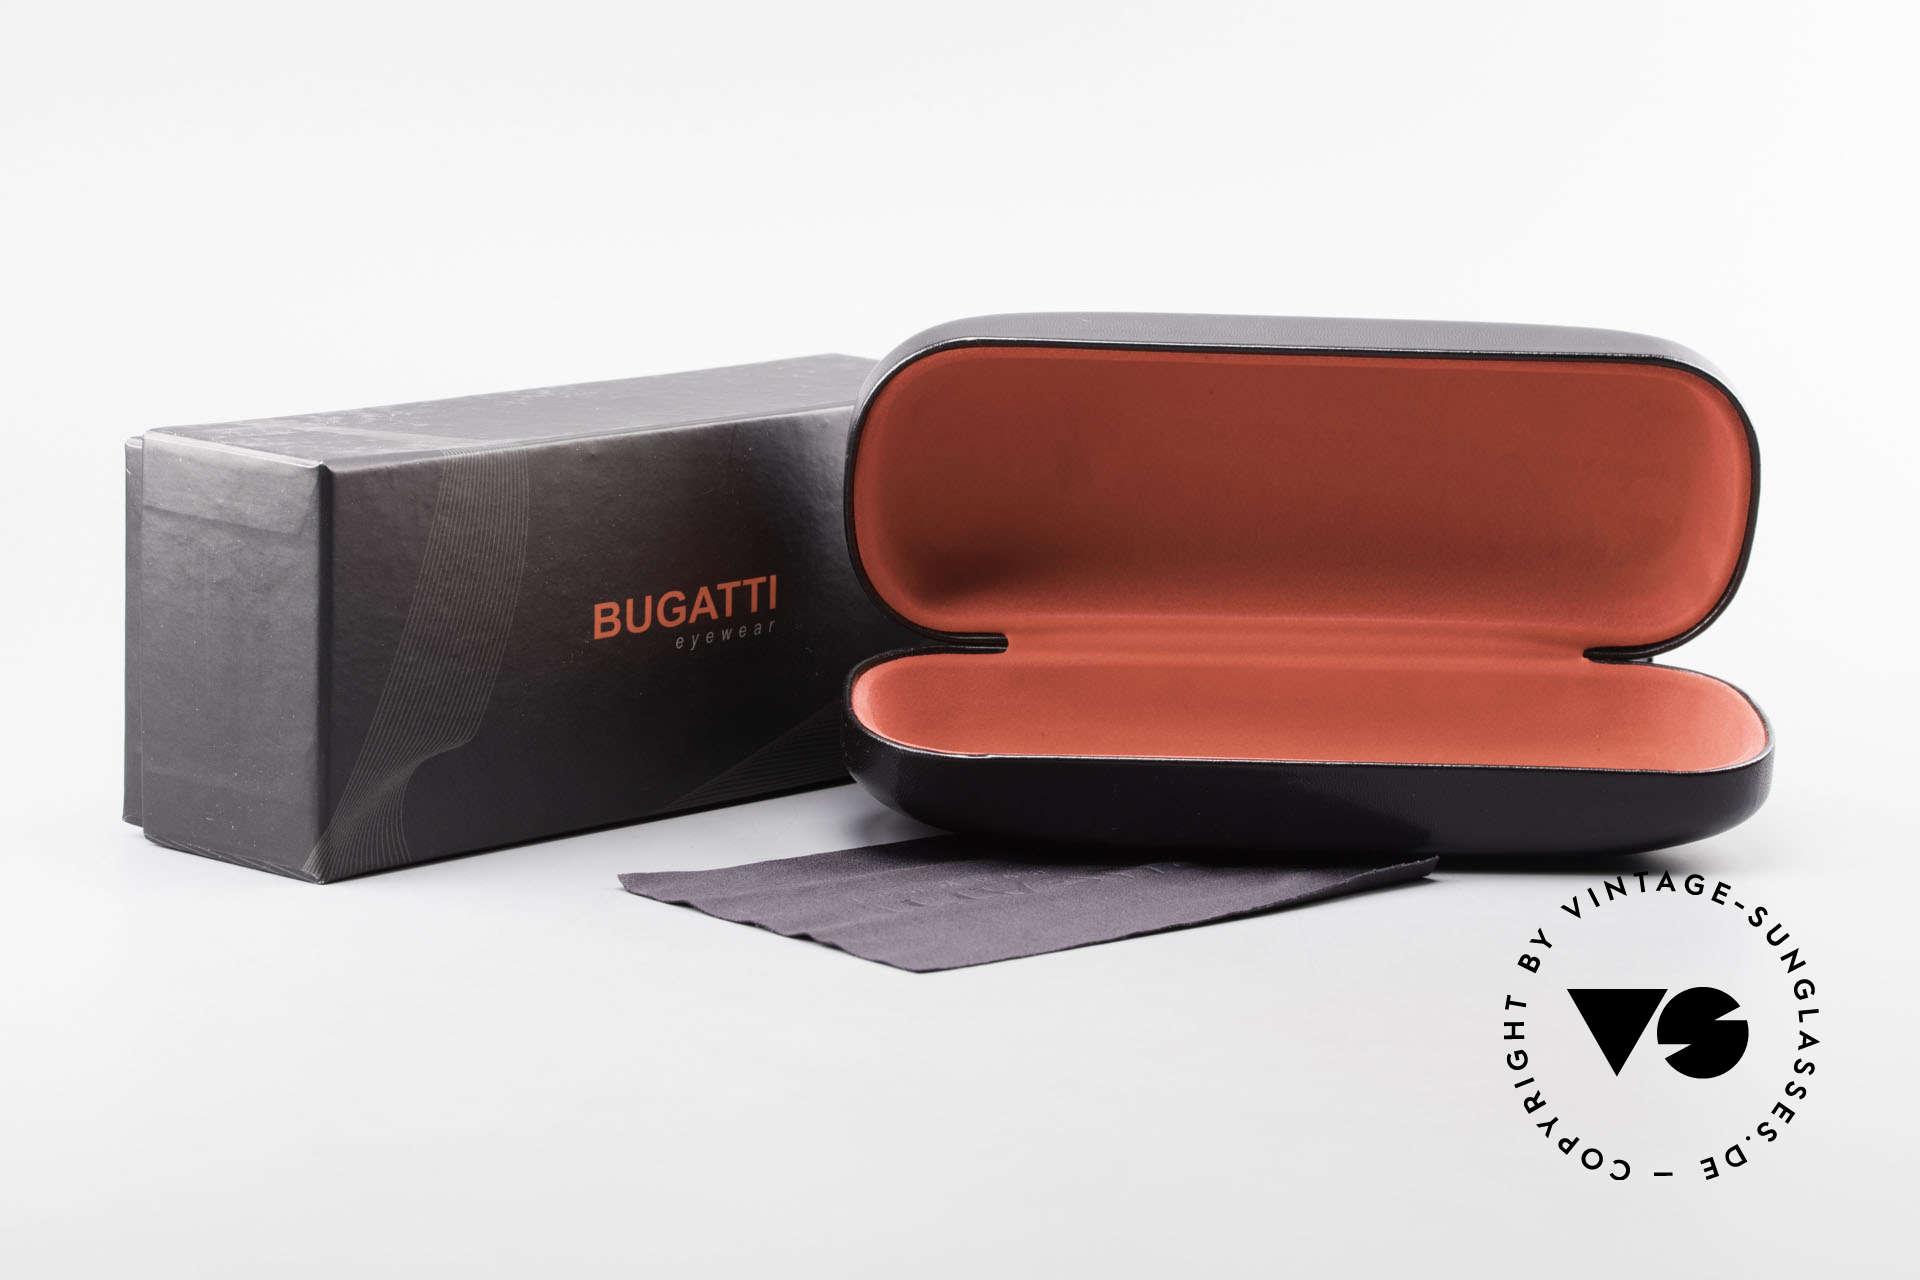 Bugatti 540 Vergoldete Echthorn Fassung, Größe: medium, Passend für Herren